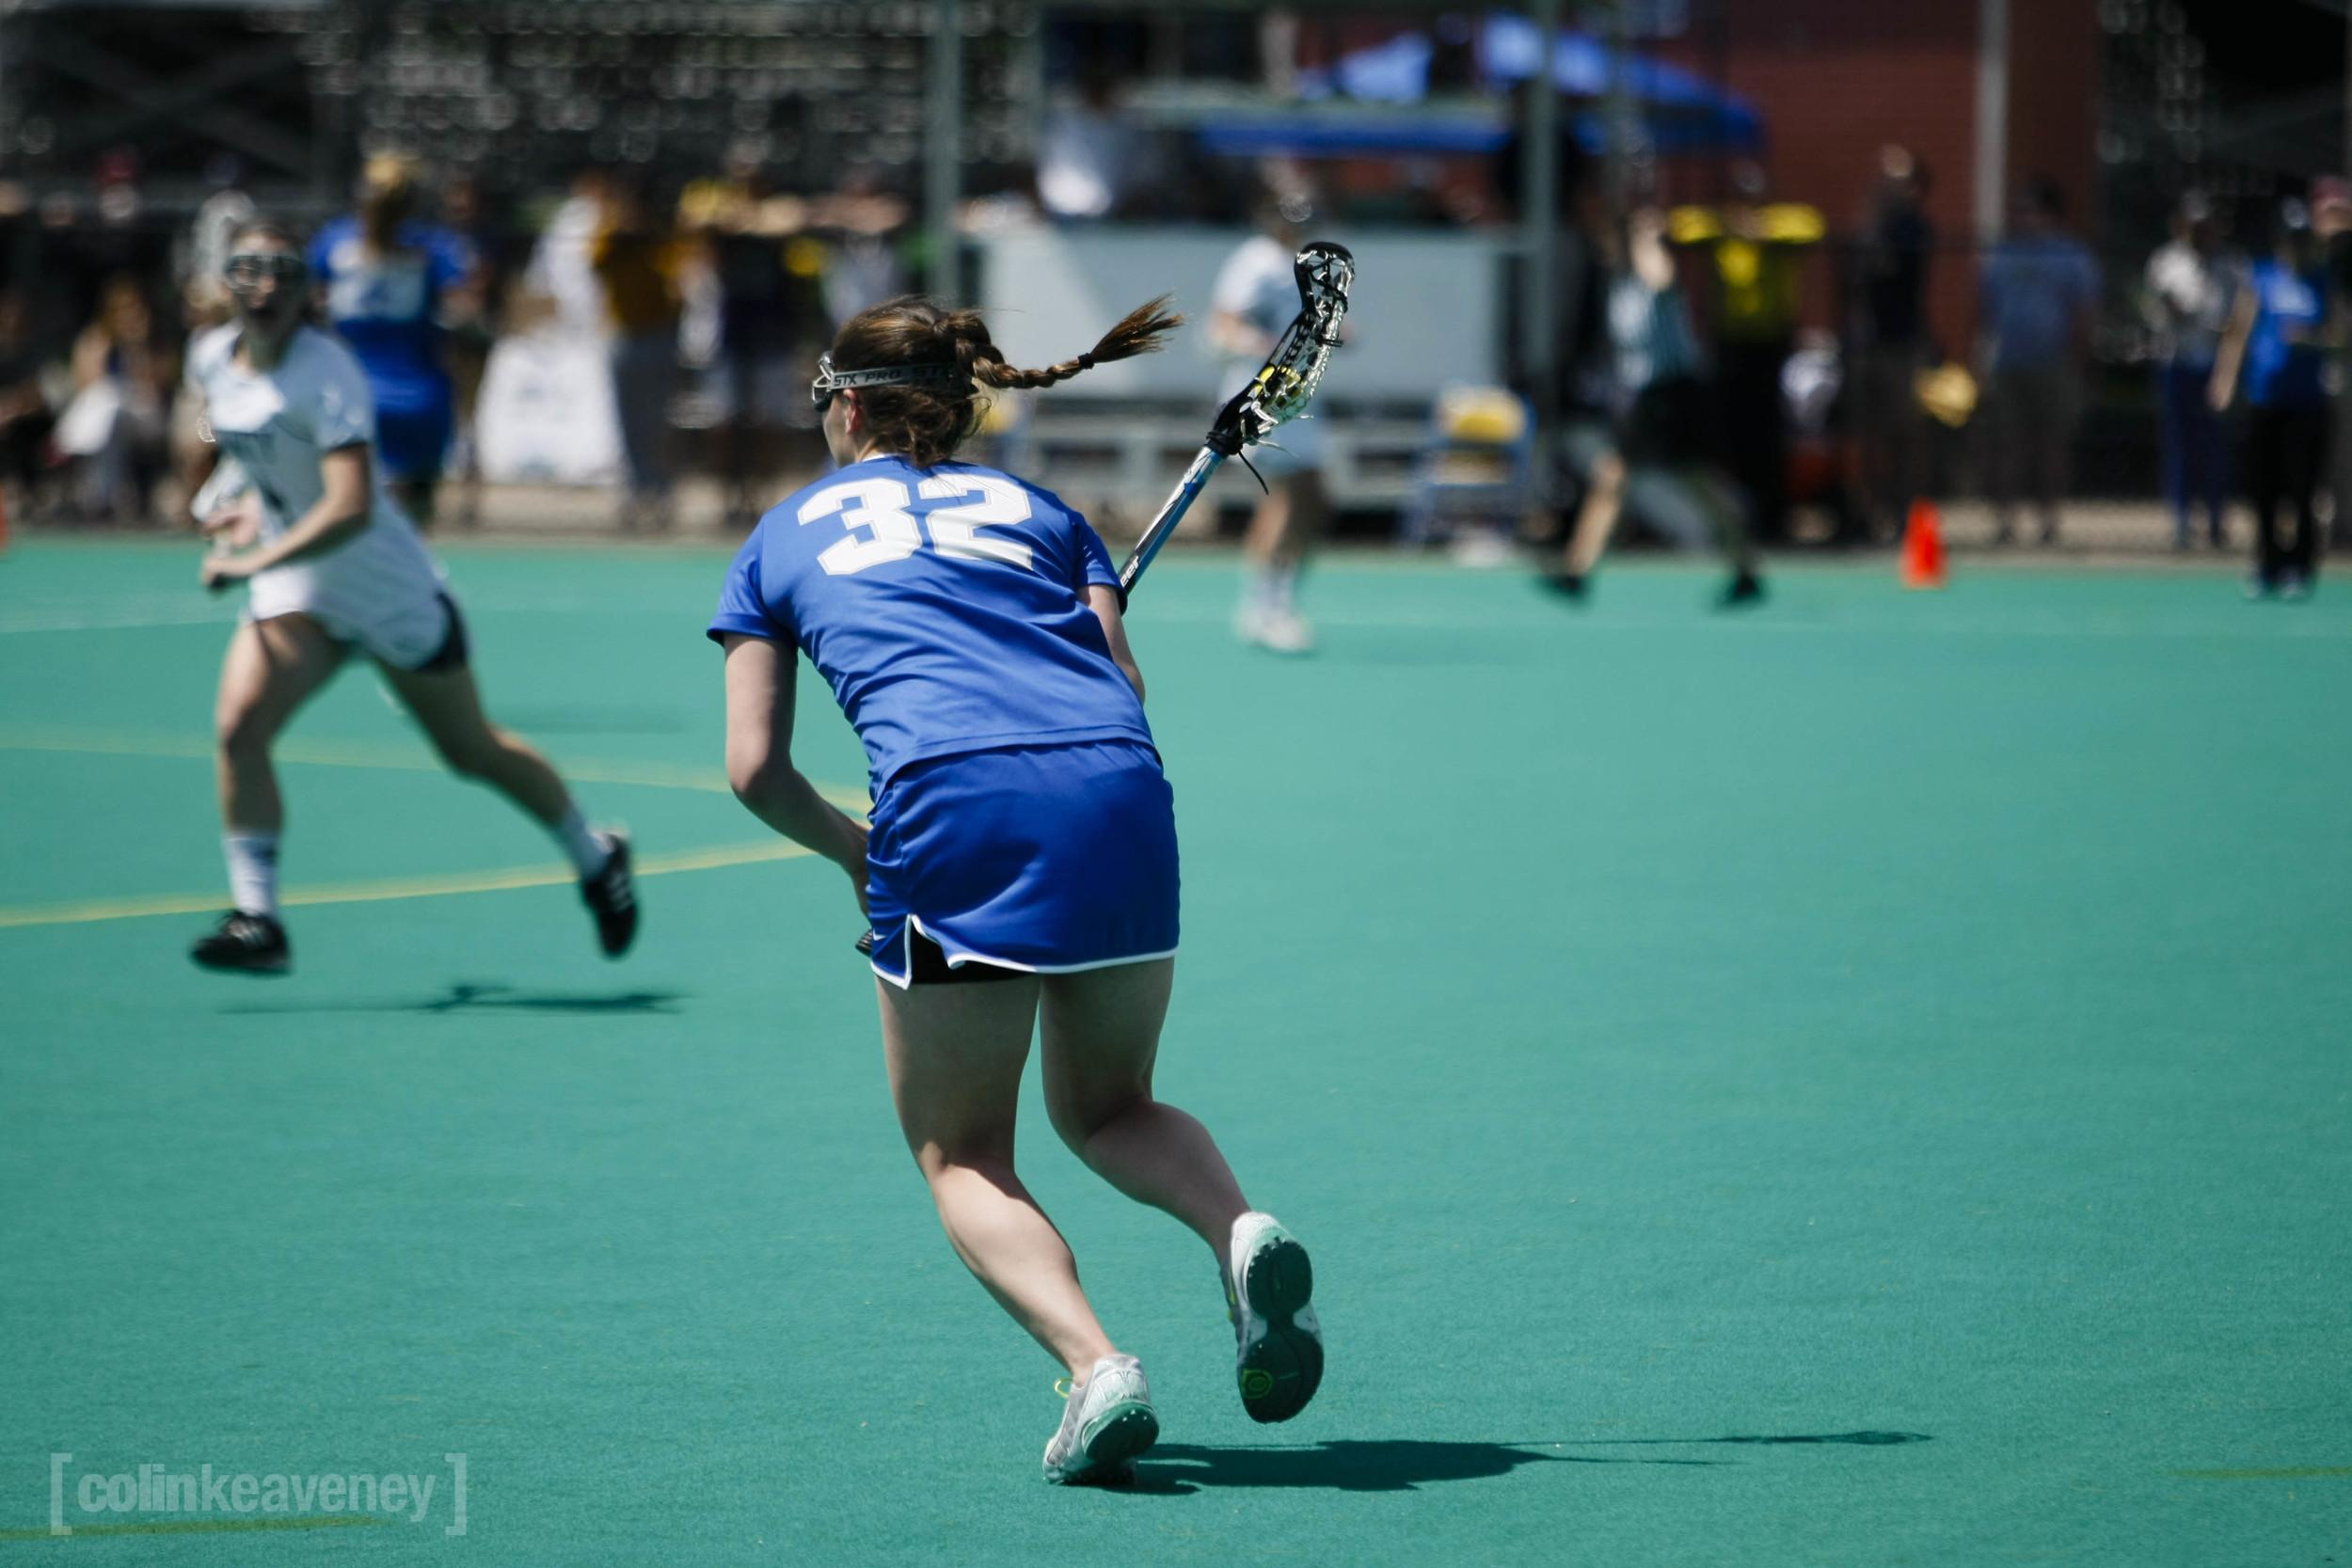 COLBY_lacrosse-32.jpg